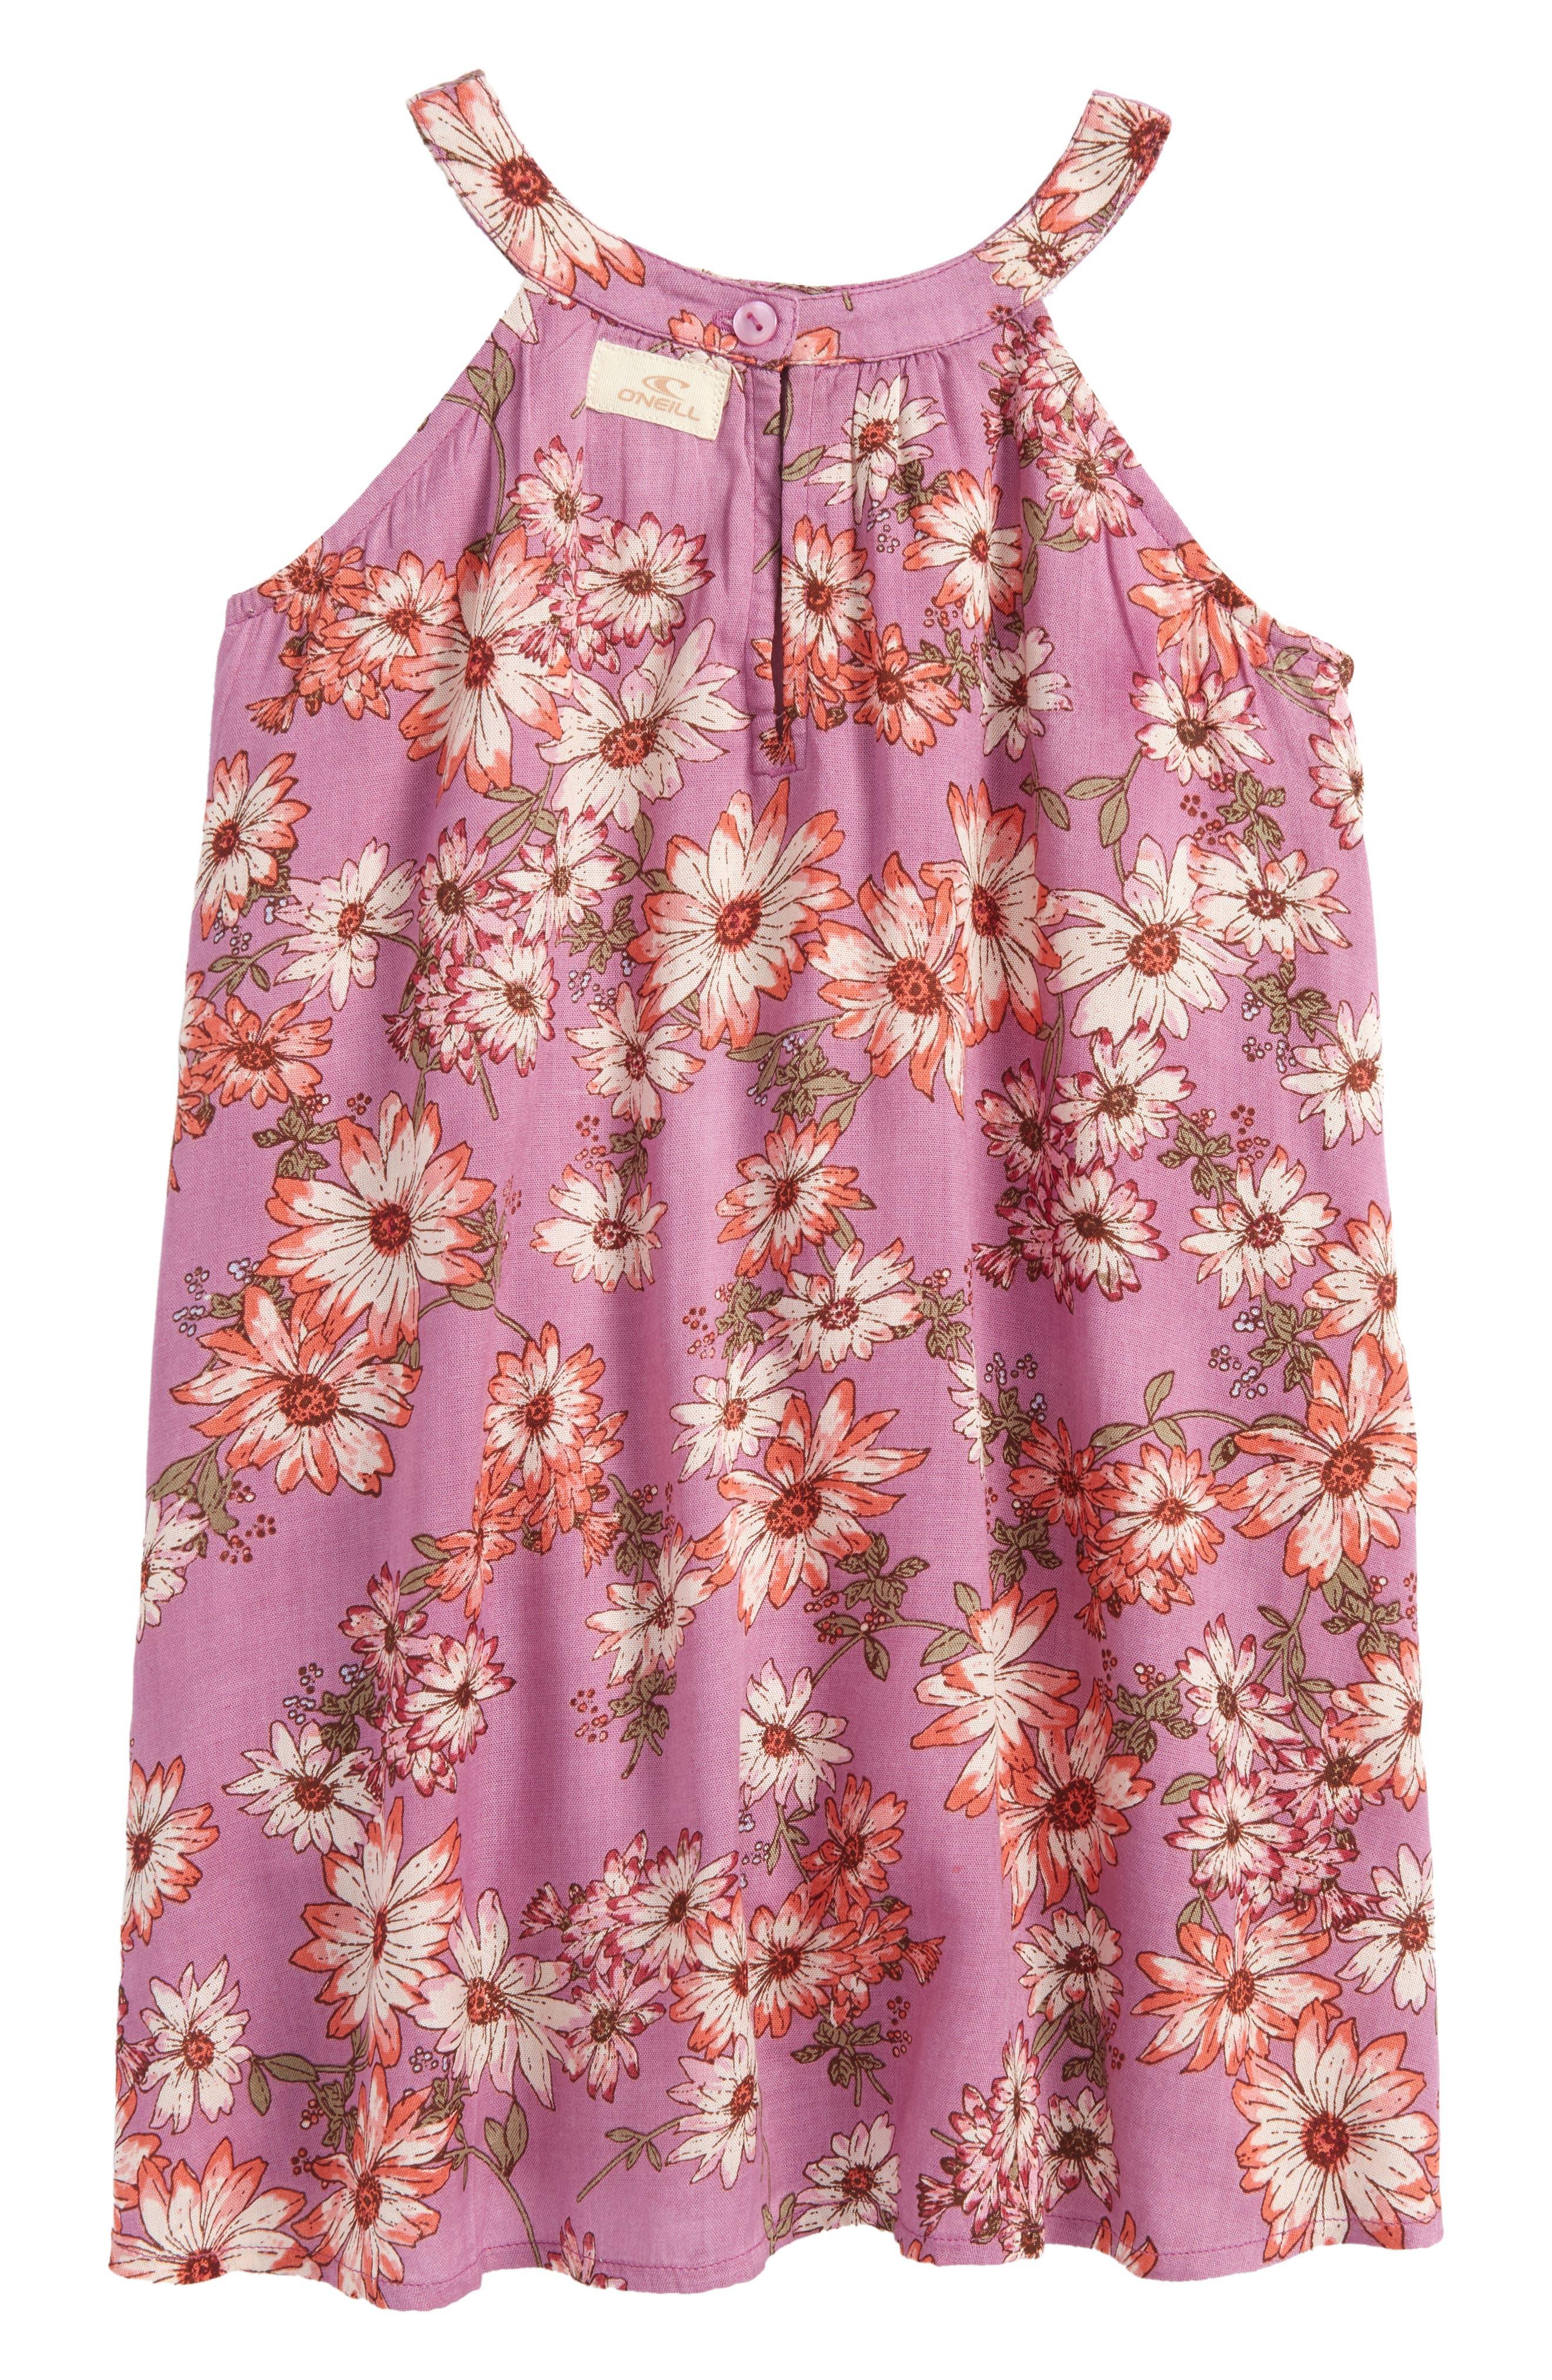 Sallie Floral Dress,                         Main,                         color, Dusty Lavender